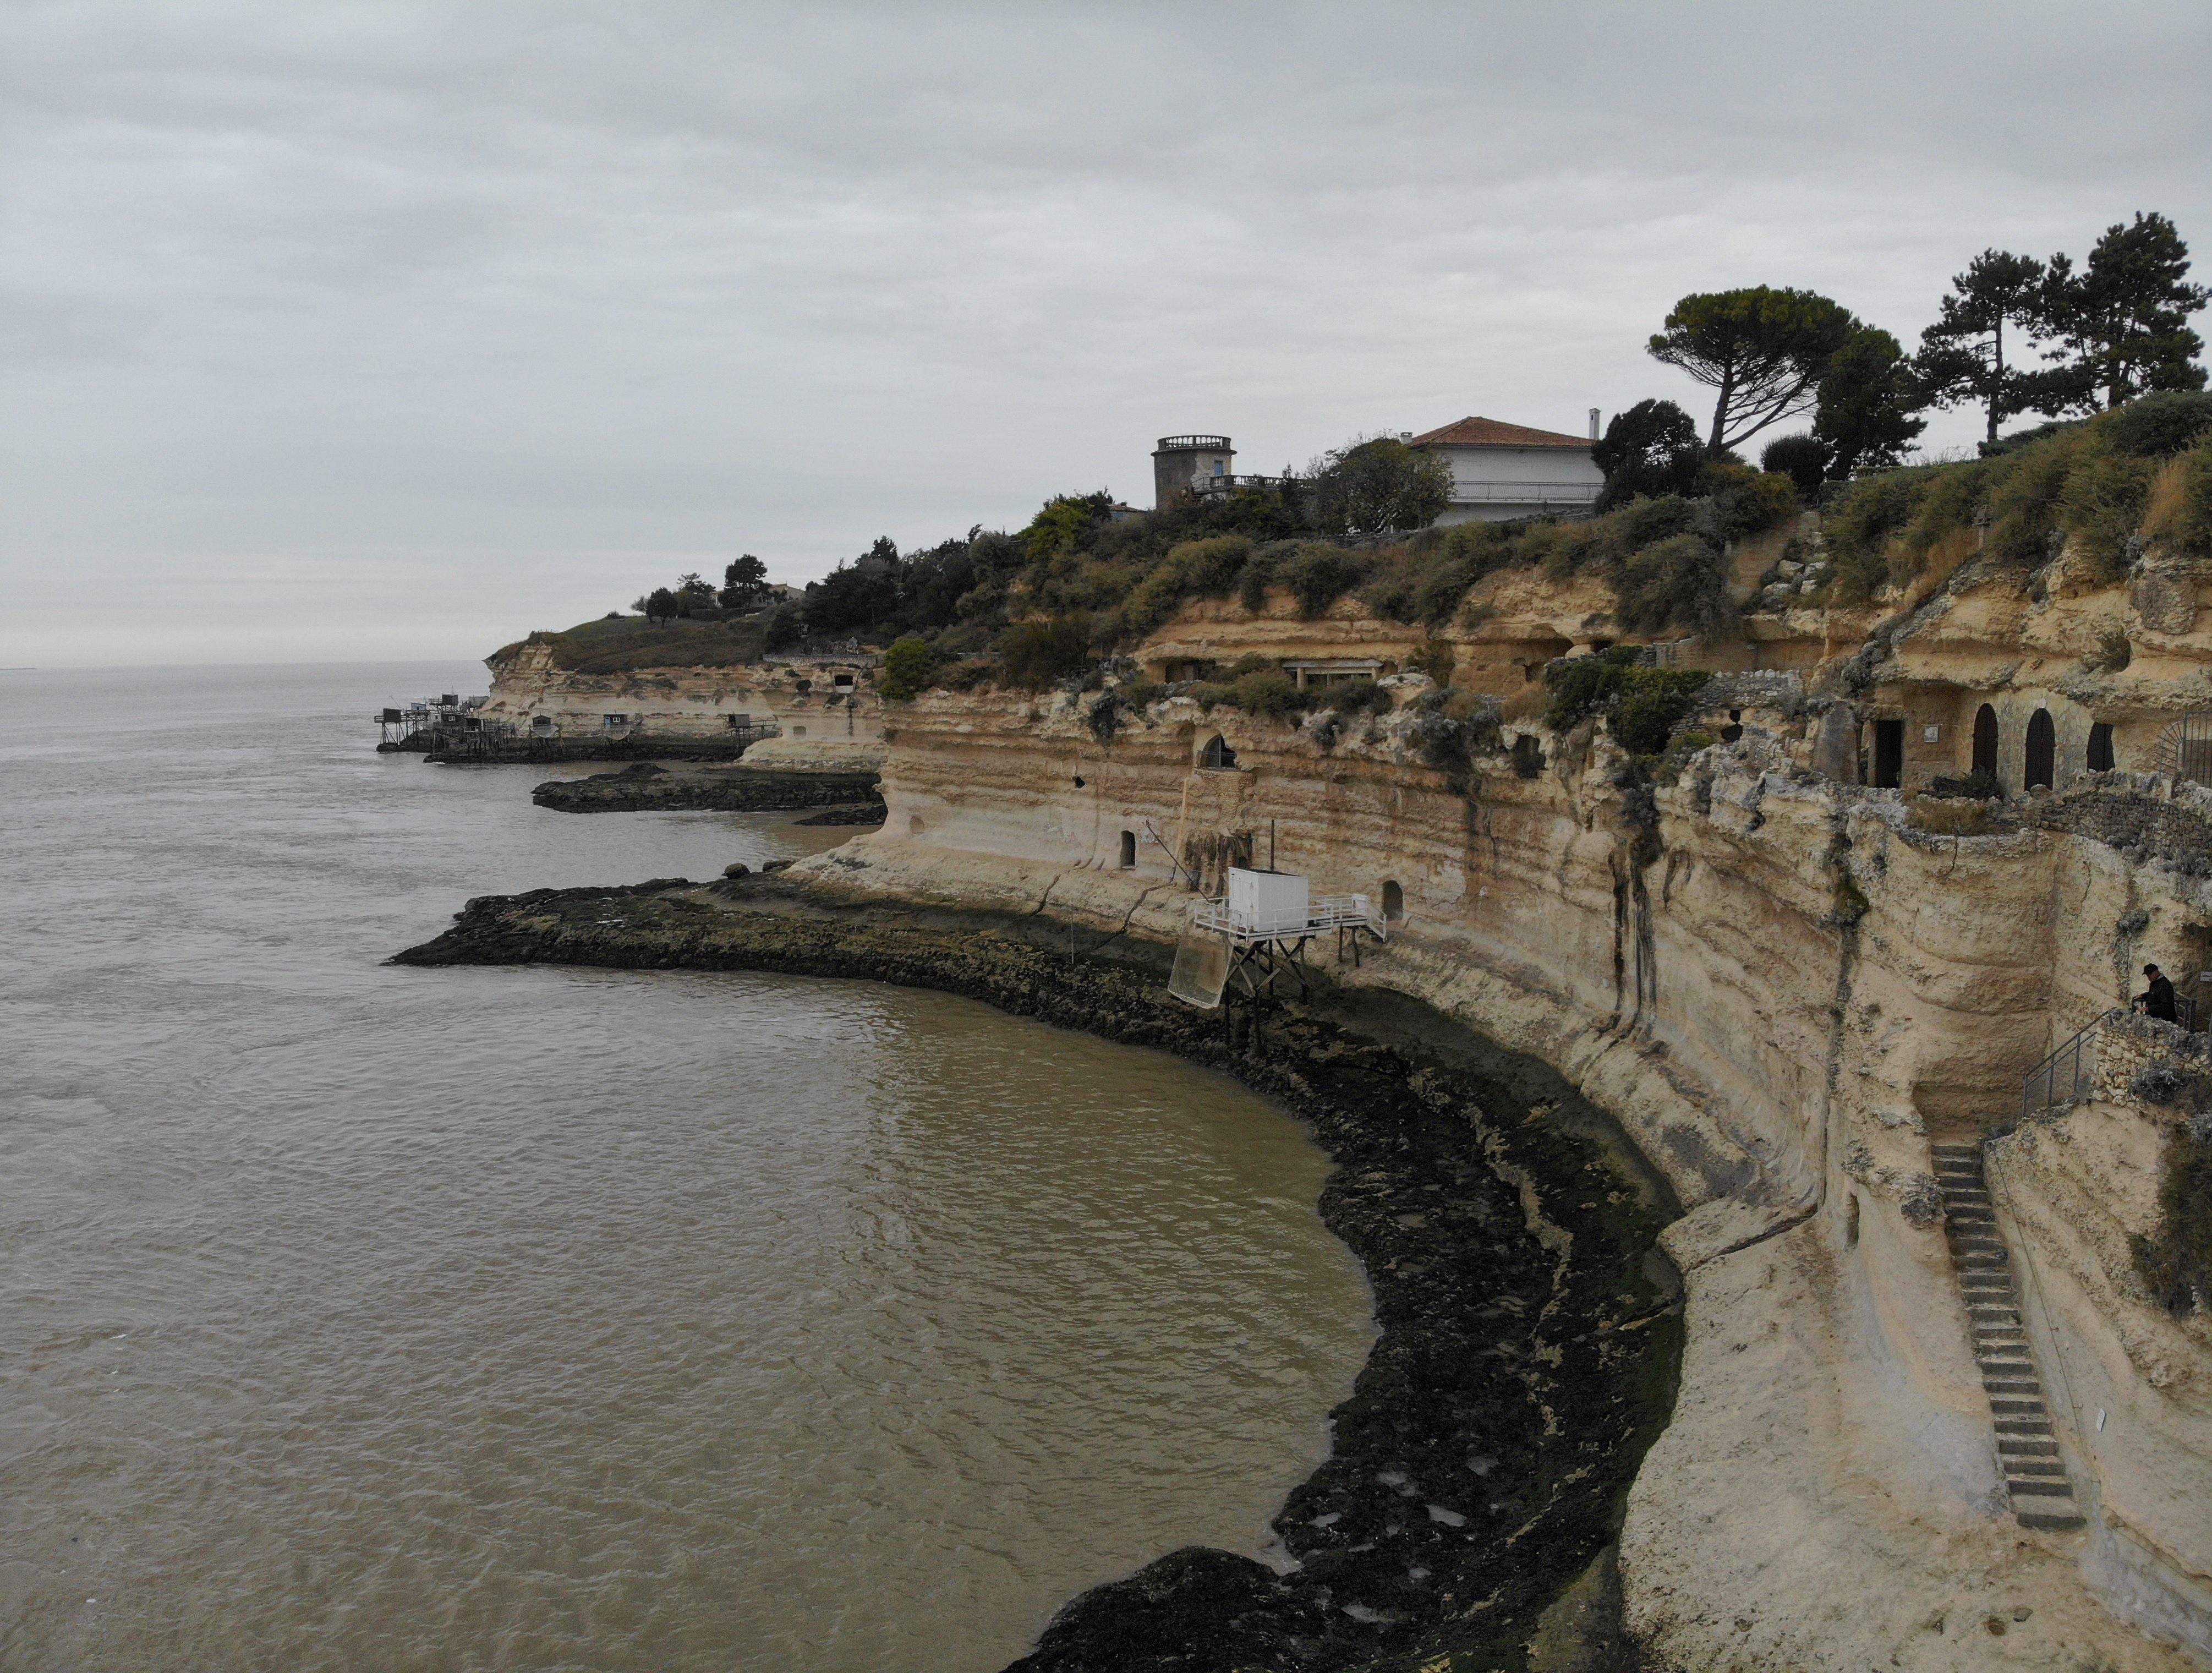 grottes-du-regulus-meschers-sur-gironde-grotte-troglodyte-royan-visite-grottes-falaises-drone-les-ptits-touristes-blog-voyage